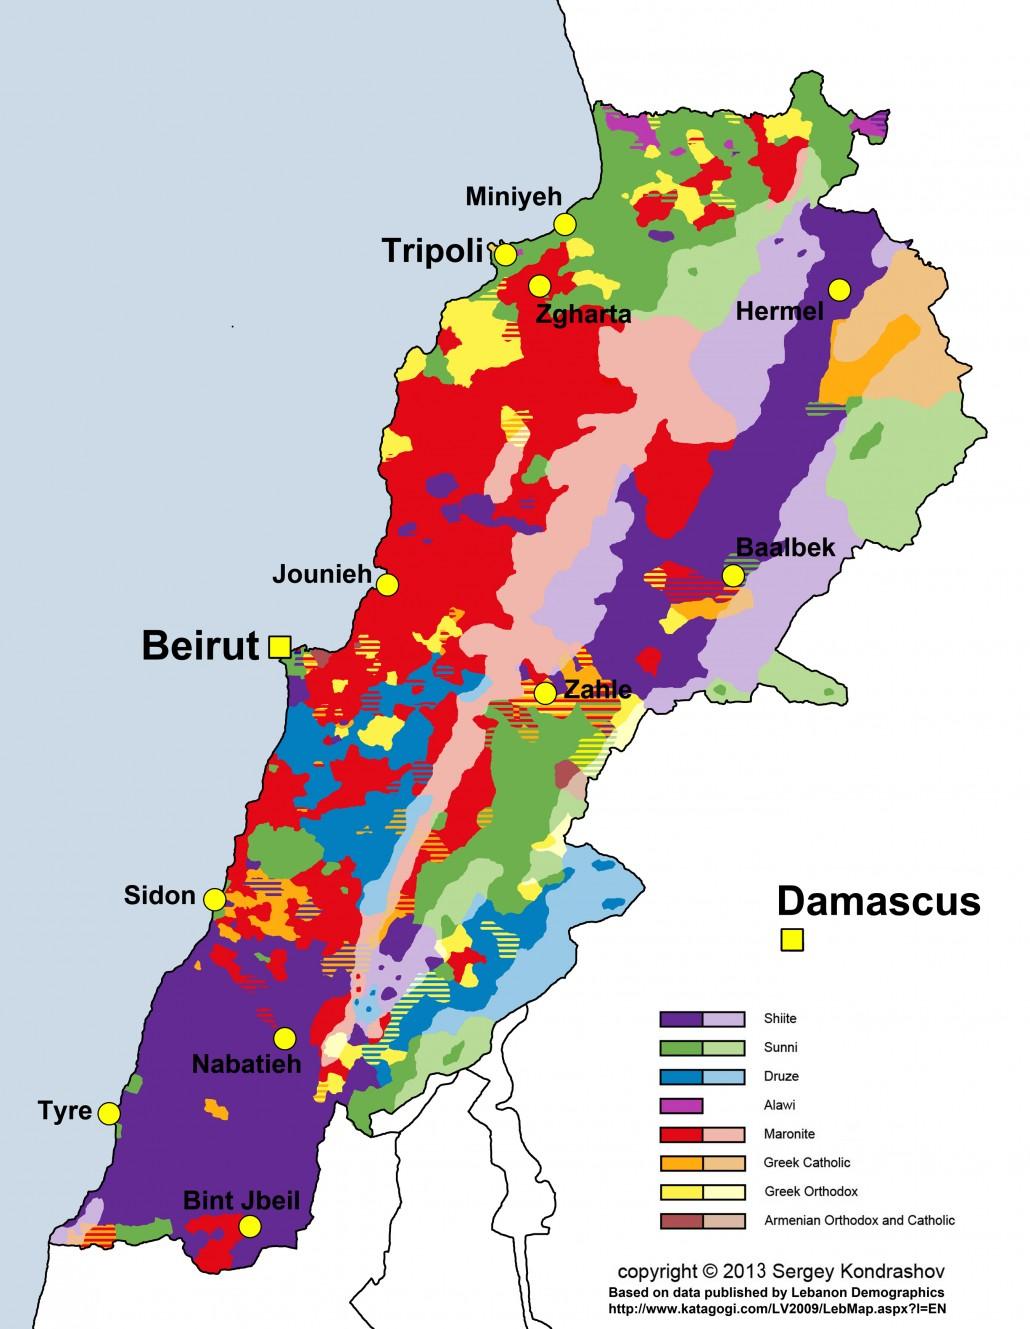 وقتی لبنان با 4.5 میلیون نفر جمعیت این قدر تنوع قومی دارد، چه طور میشود بیش از 360 میلیون نفر عرب جهان را یکی فرض کرد؟